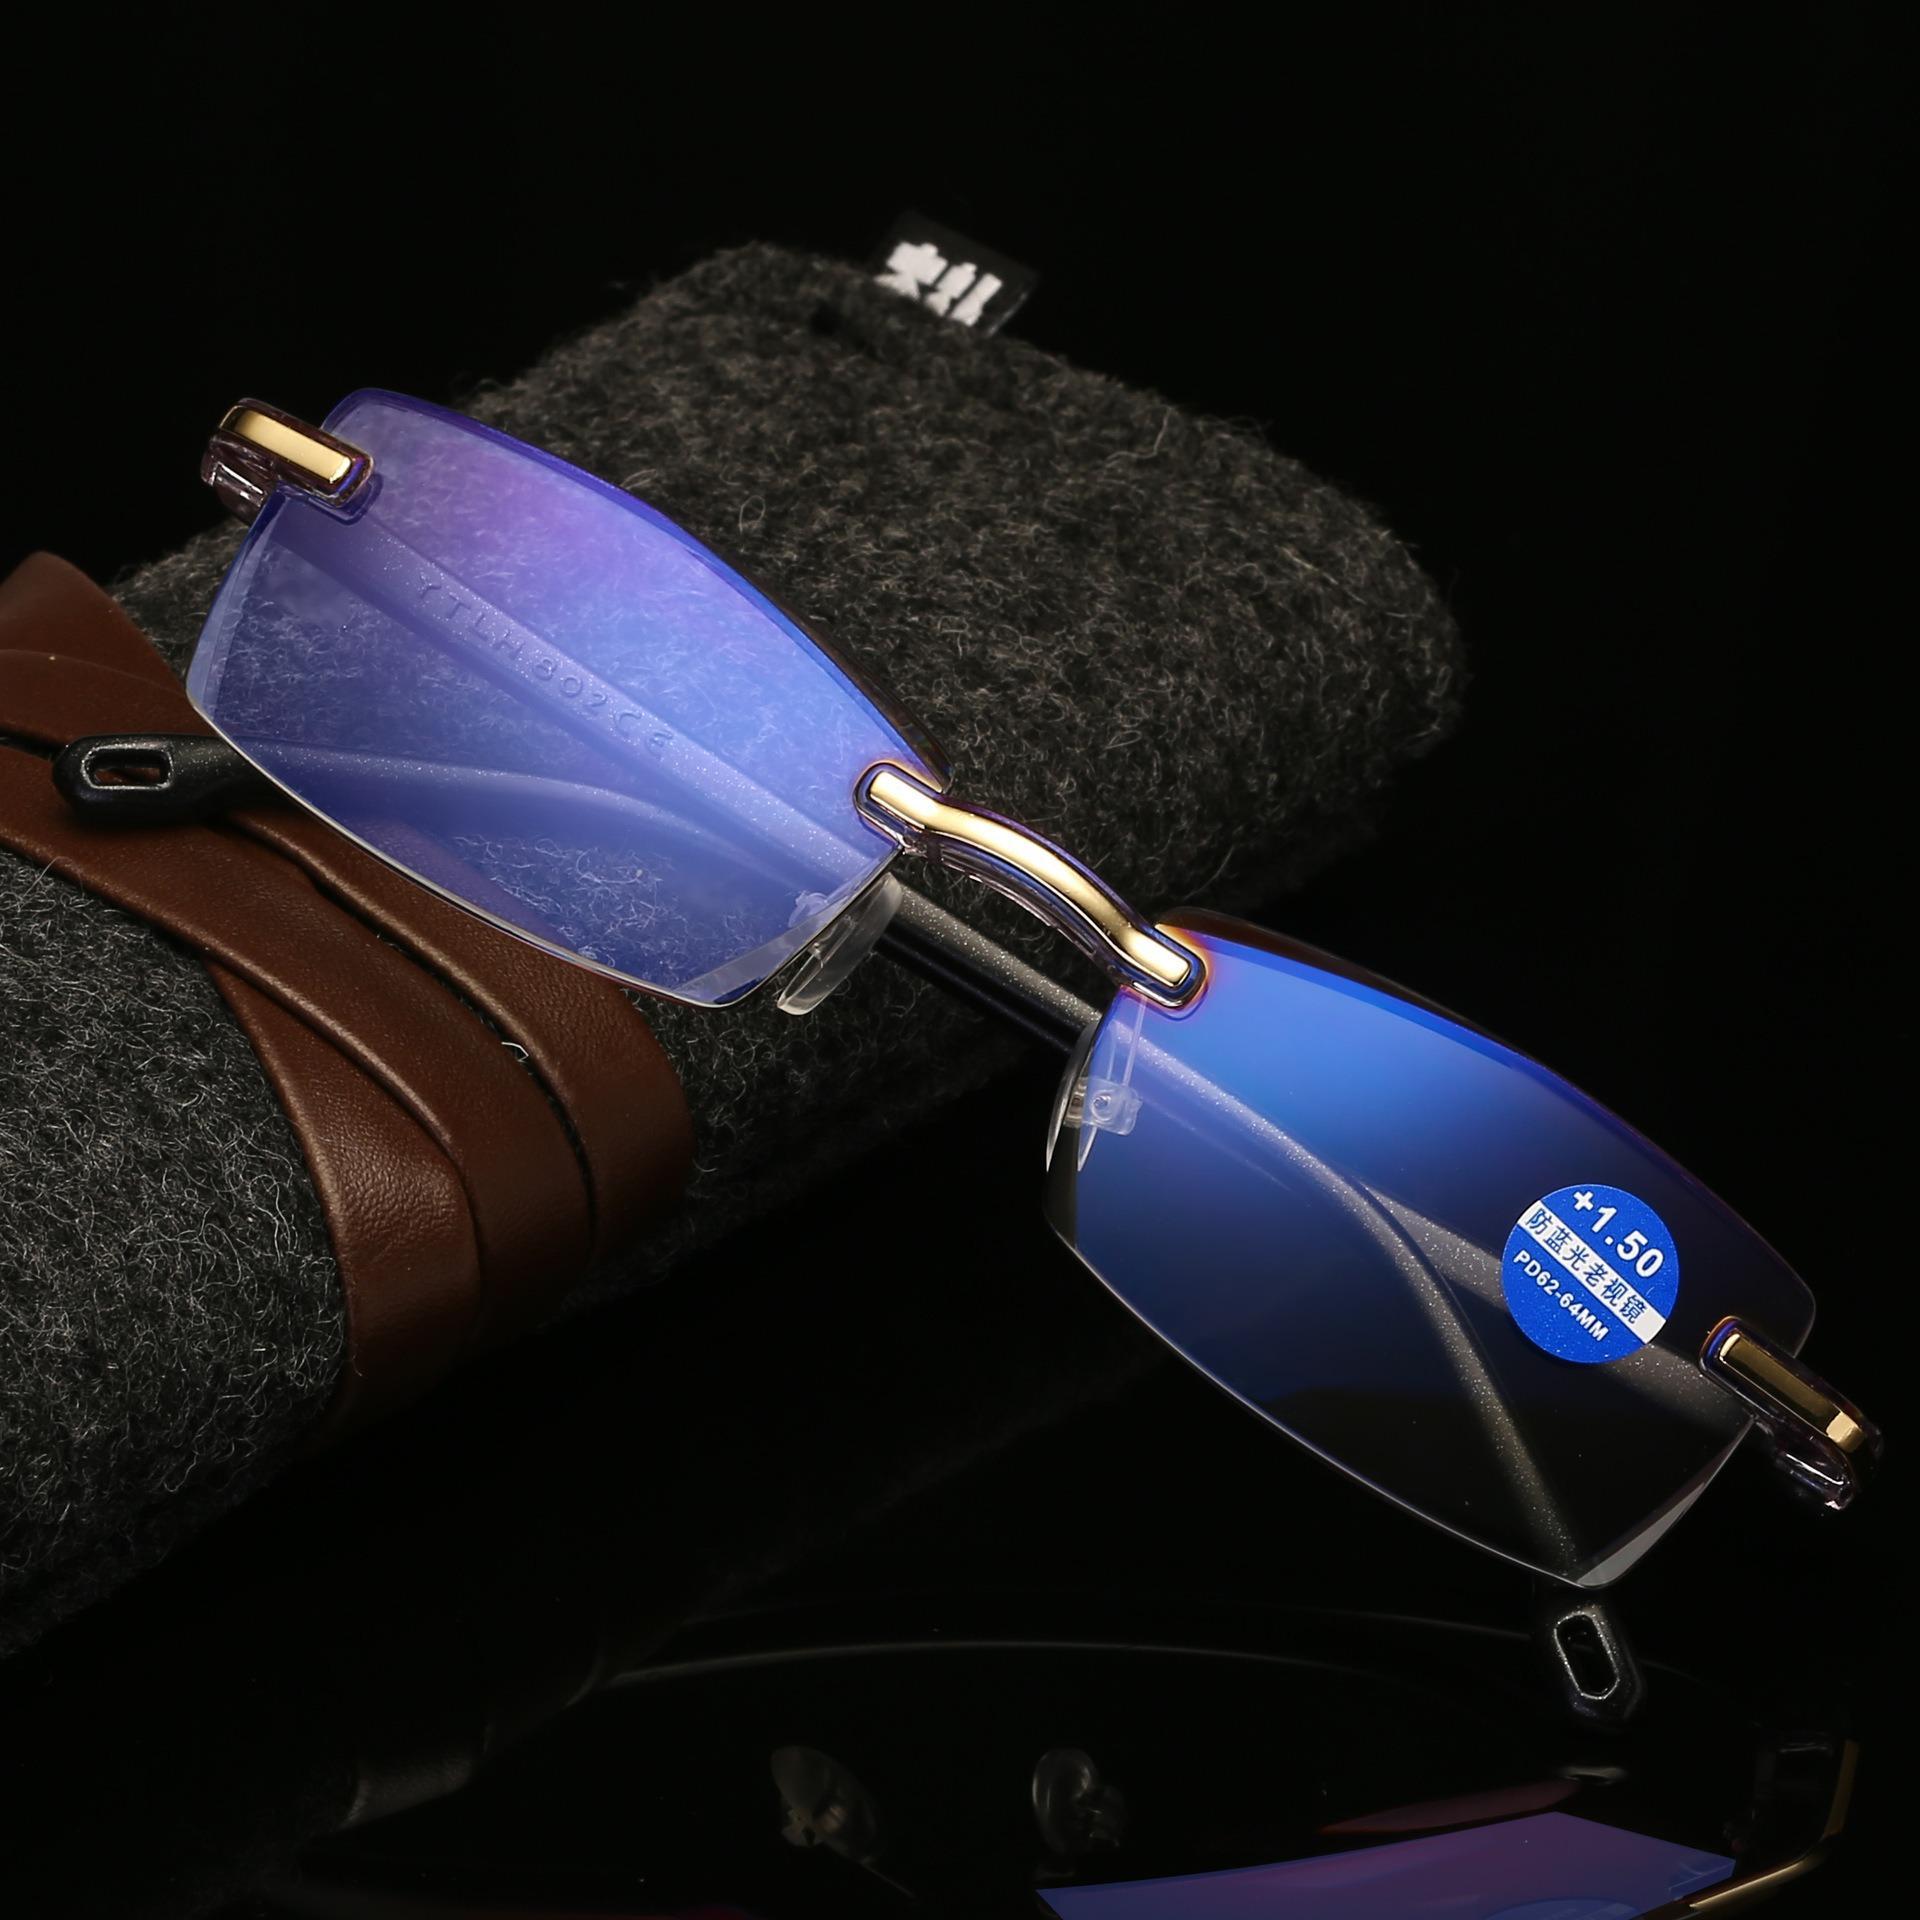 Frameless Diamond Trimming Reading Glasses Anti-blue Light Neutral Reading Glasses With Glasses Box